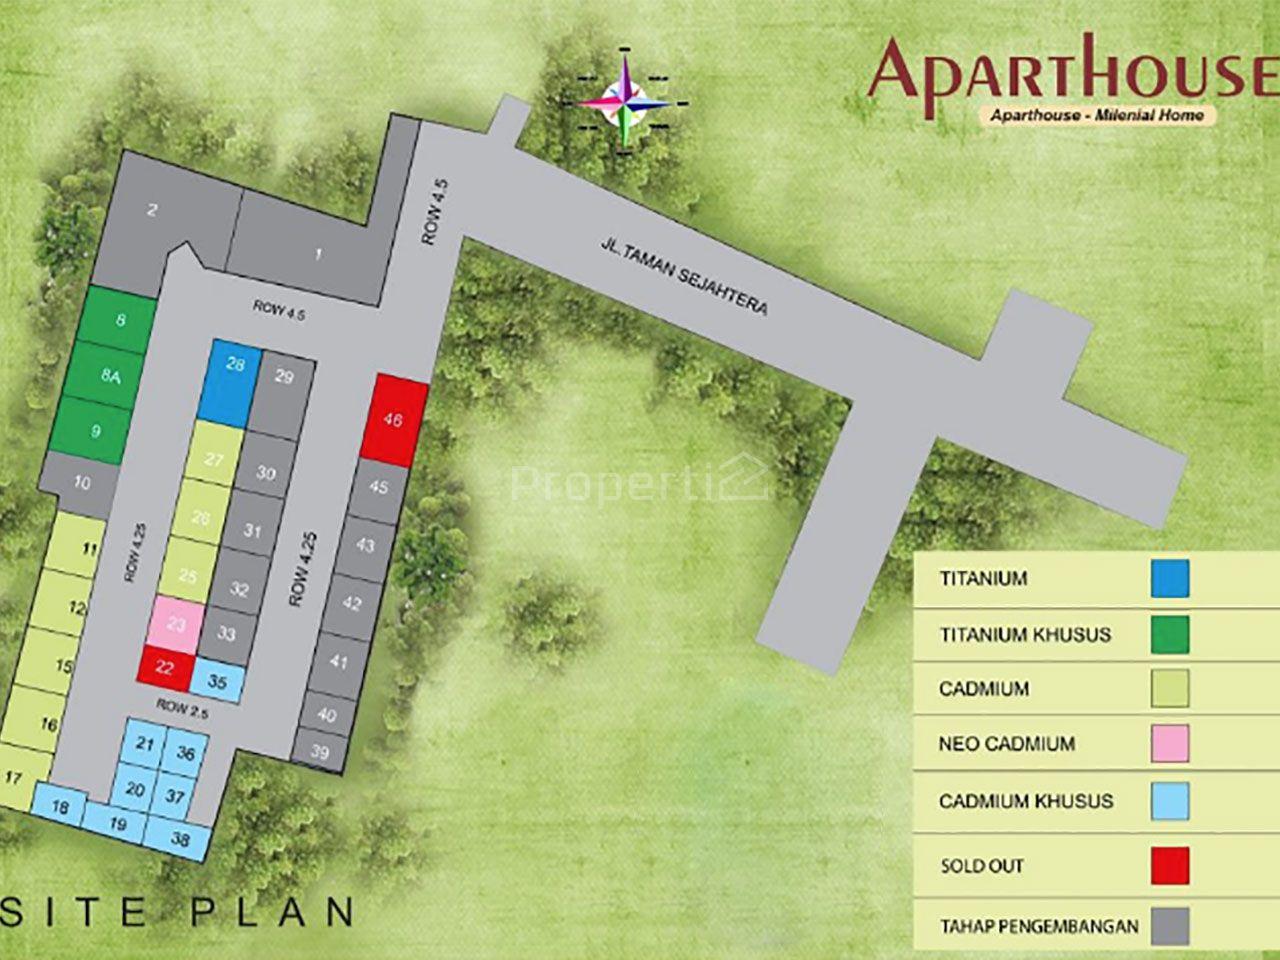 3-Storey Aparthouse in Blok M, Cilandak